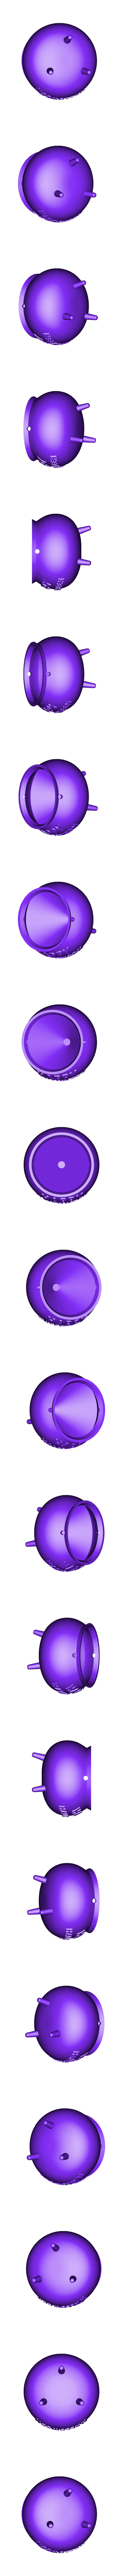 Easy_print_Cauldron_with_handle_holes.stl Télécharger fichier STL gratuit Chaudrons d'Halloween • Modèle pour imprimante 3D, tone001